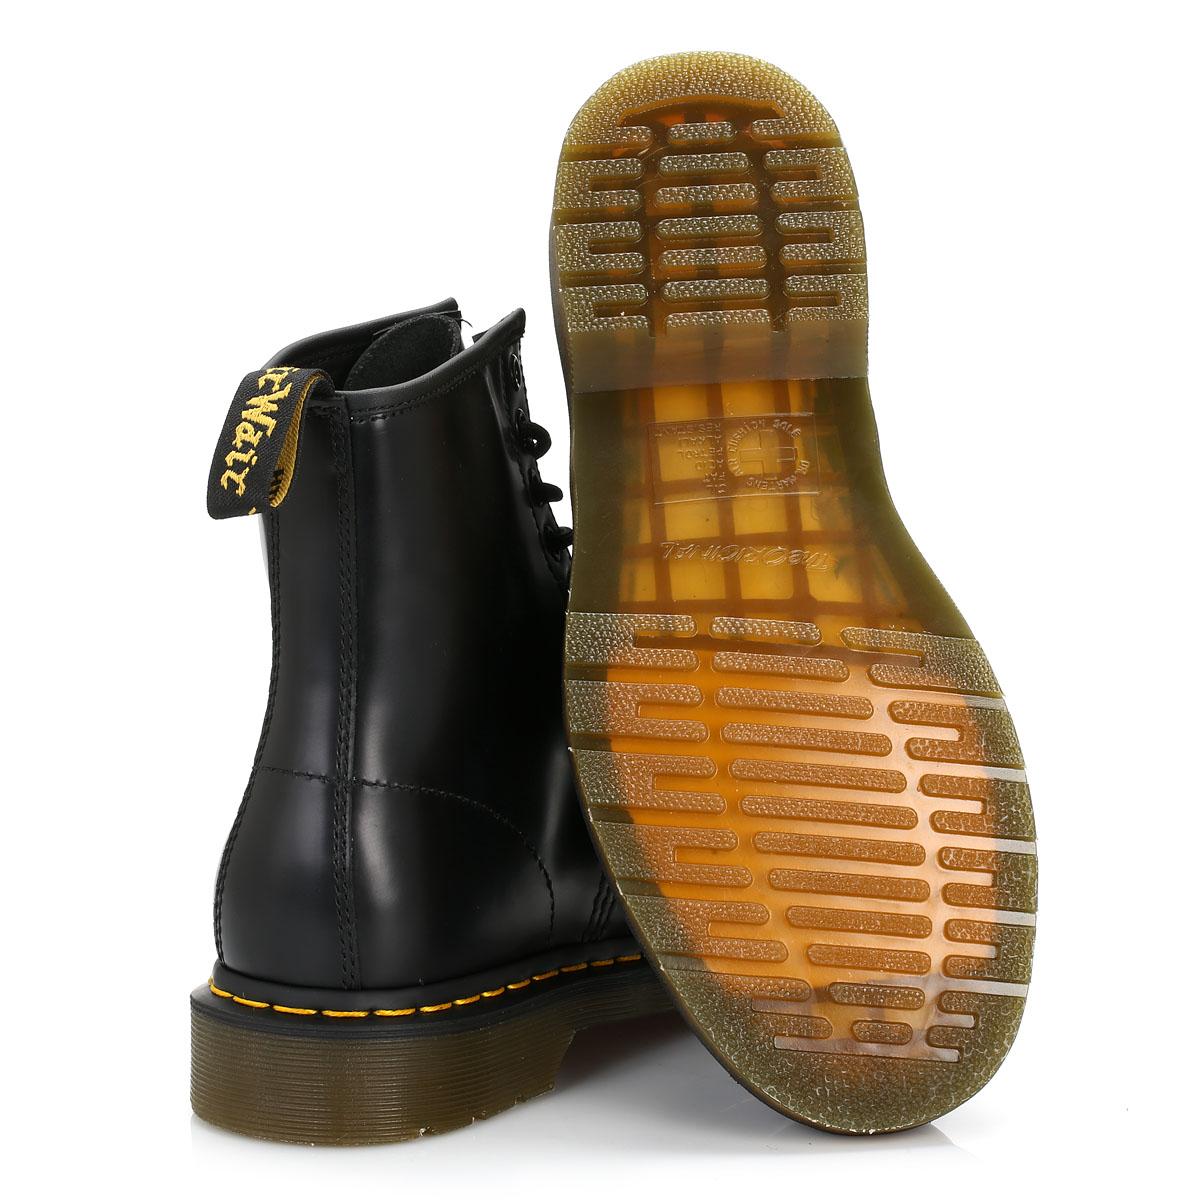 Dr. Martens Unisex Negro 1460 Botas al tobillo, Cuero, Zapatos con cordones, casuales, Docs